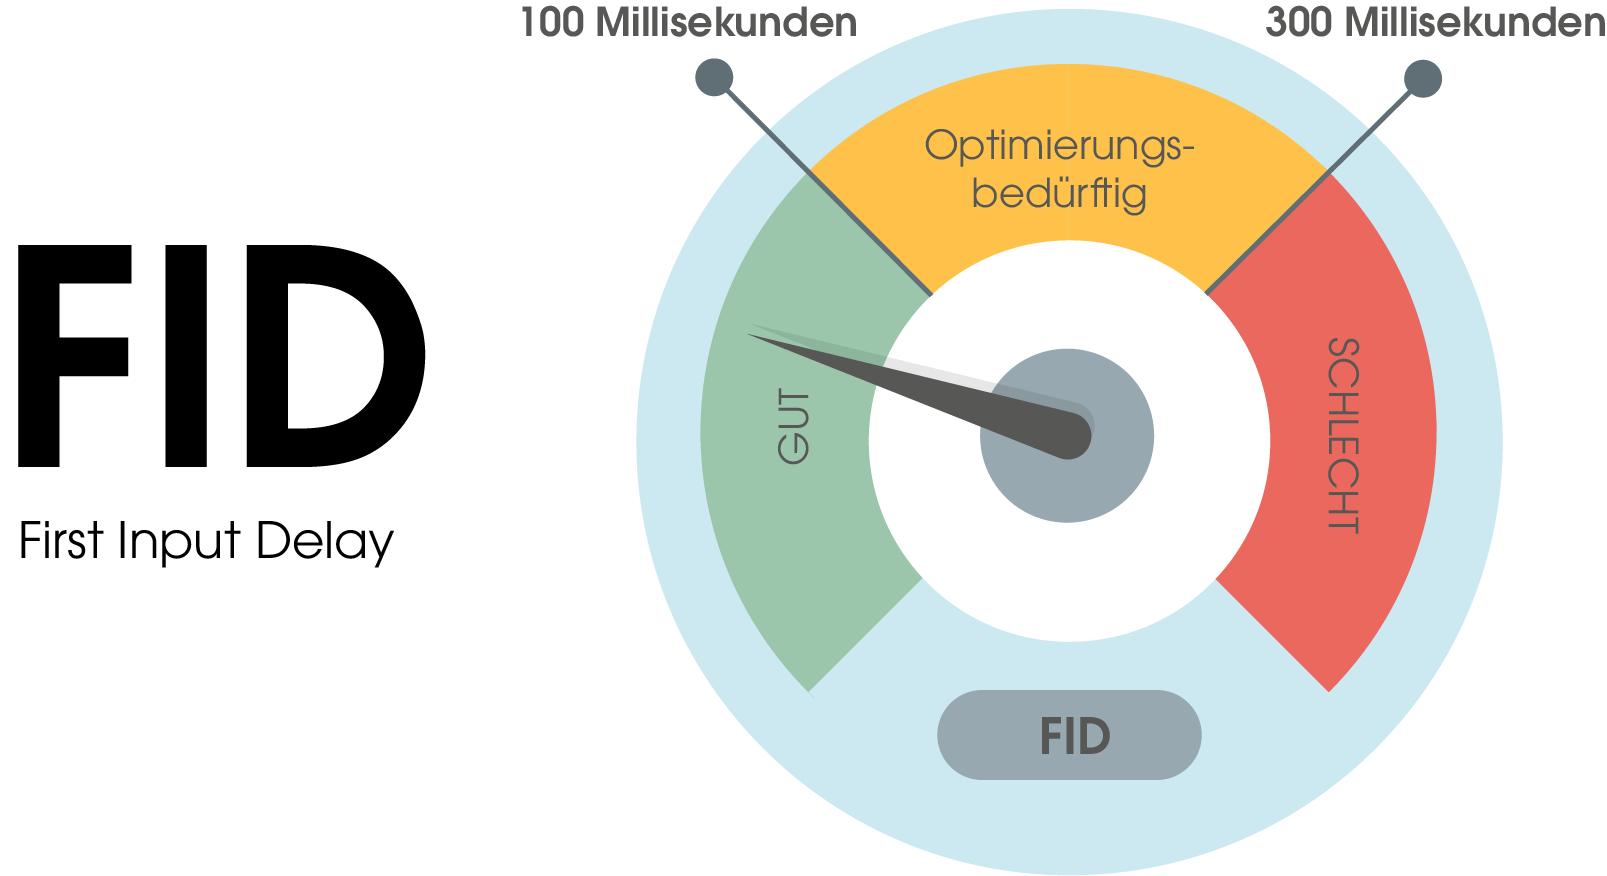 Der FID (first input delay)-Score ist in drei Bereiche unterteilt: 1. Gut: 0 bis 100 Millisekunden bis zur Interaktivität 2. Optimierungsbedürftig: 100 bis 300 Millisekunden bis zur Interaktivität 3. Schlecht: 300 Millisekunden und mehr bis zur Interaktivität